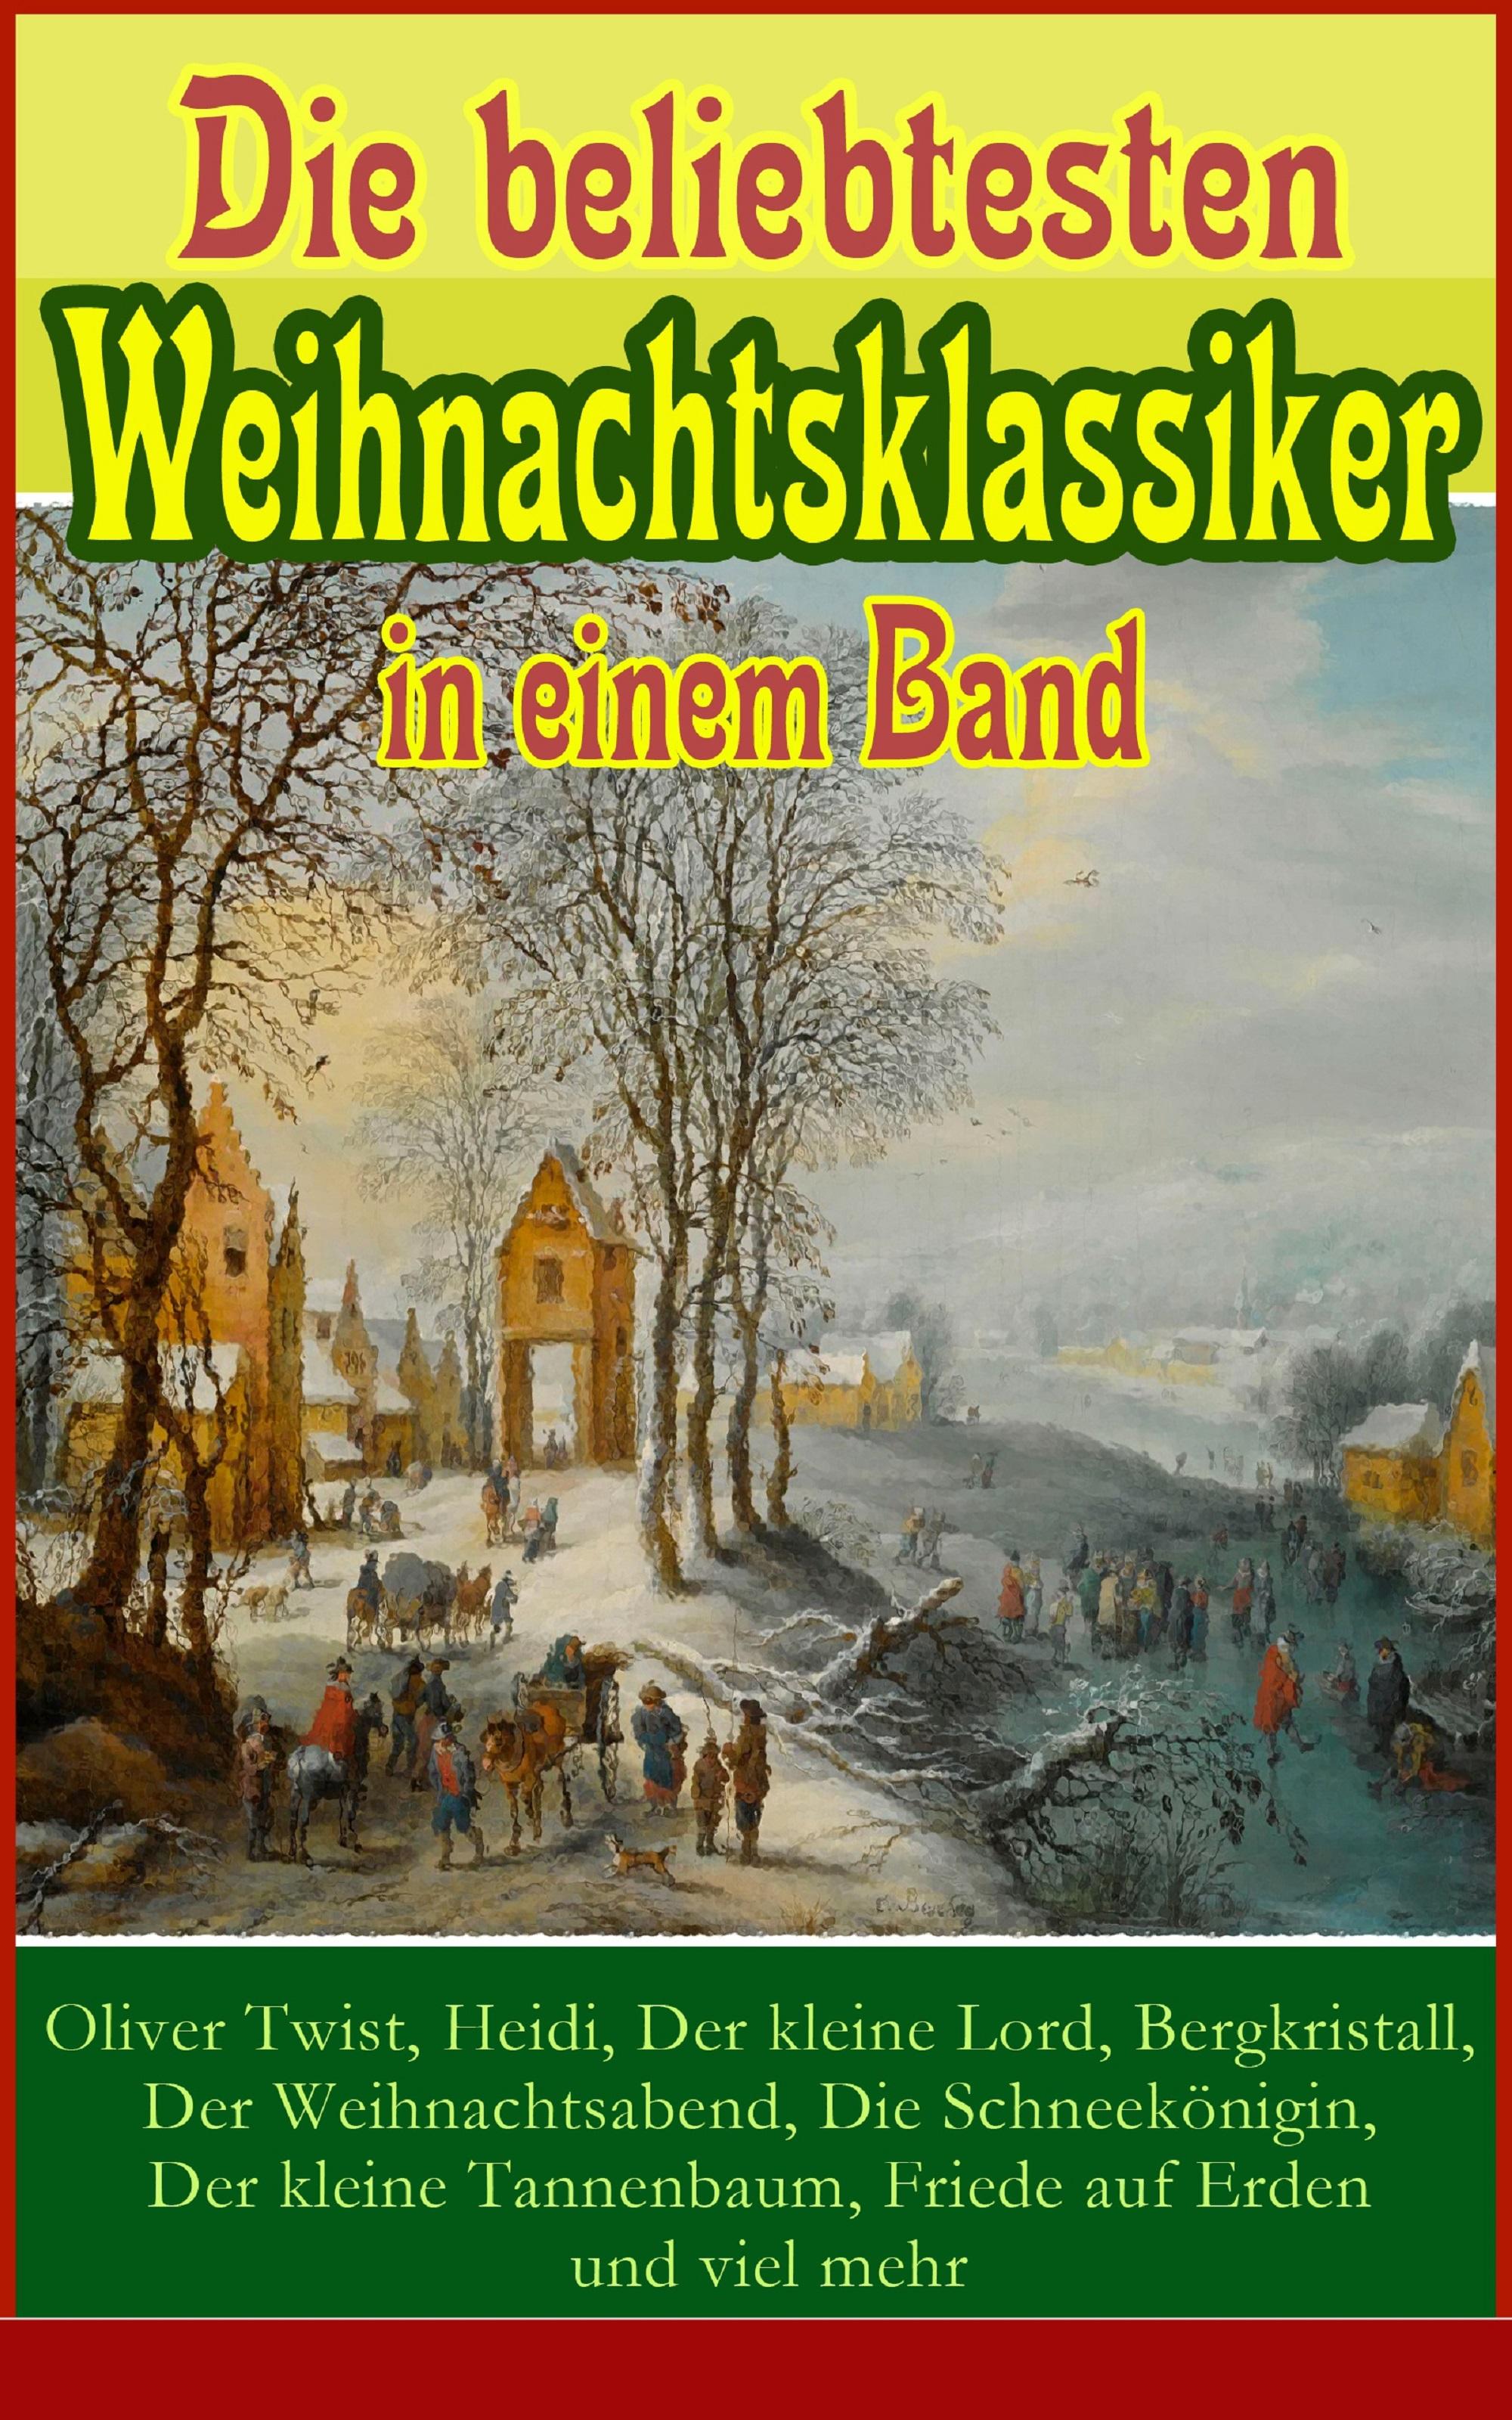 die beliebtesten weihnachtsklassiker in einem band